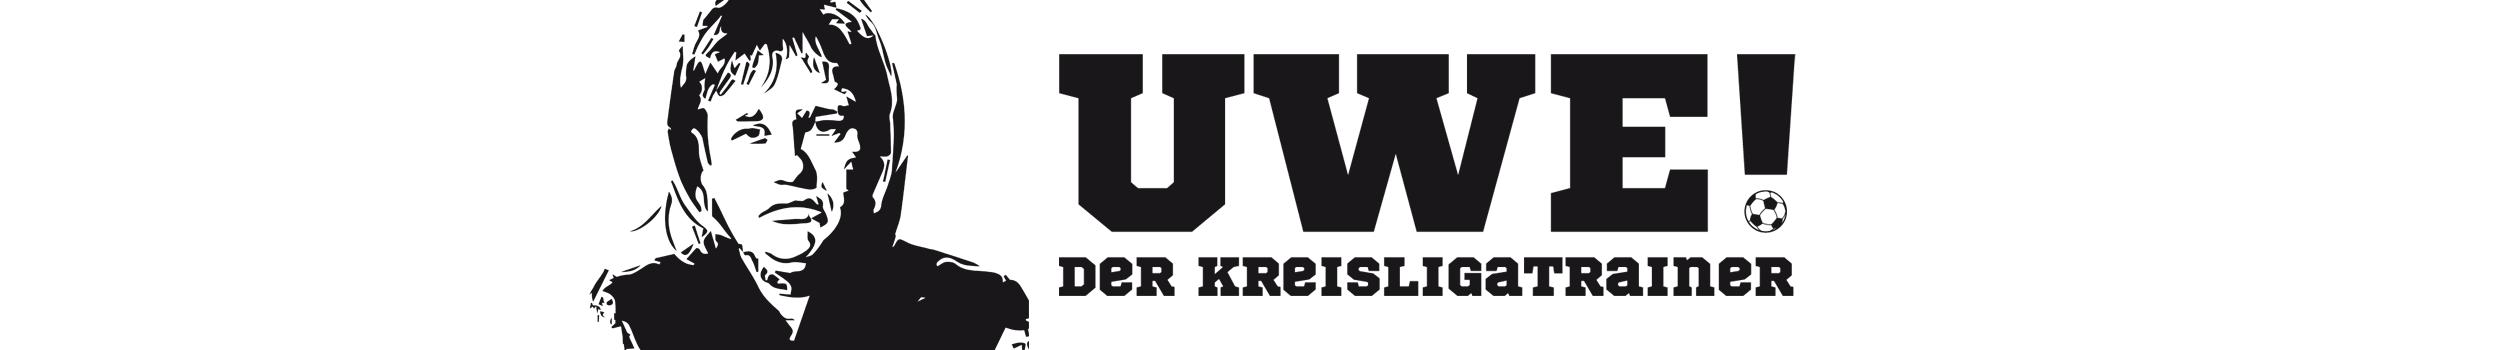 UWE! - Der Kreisligatrainer